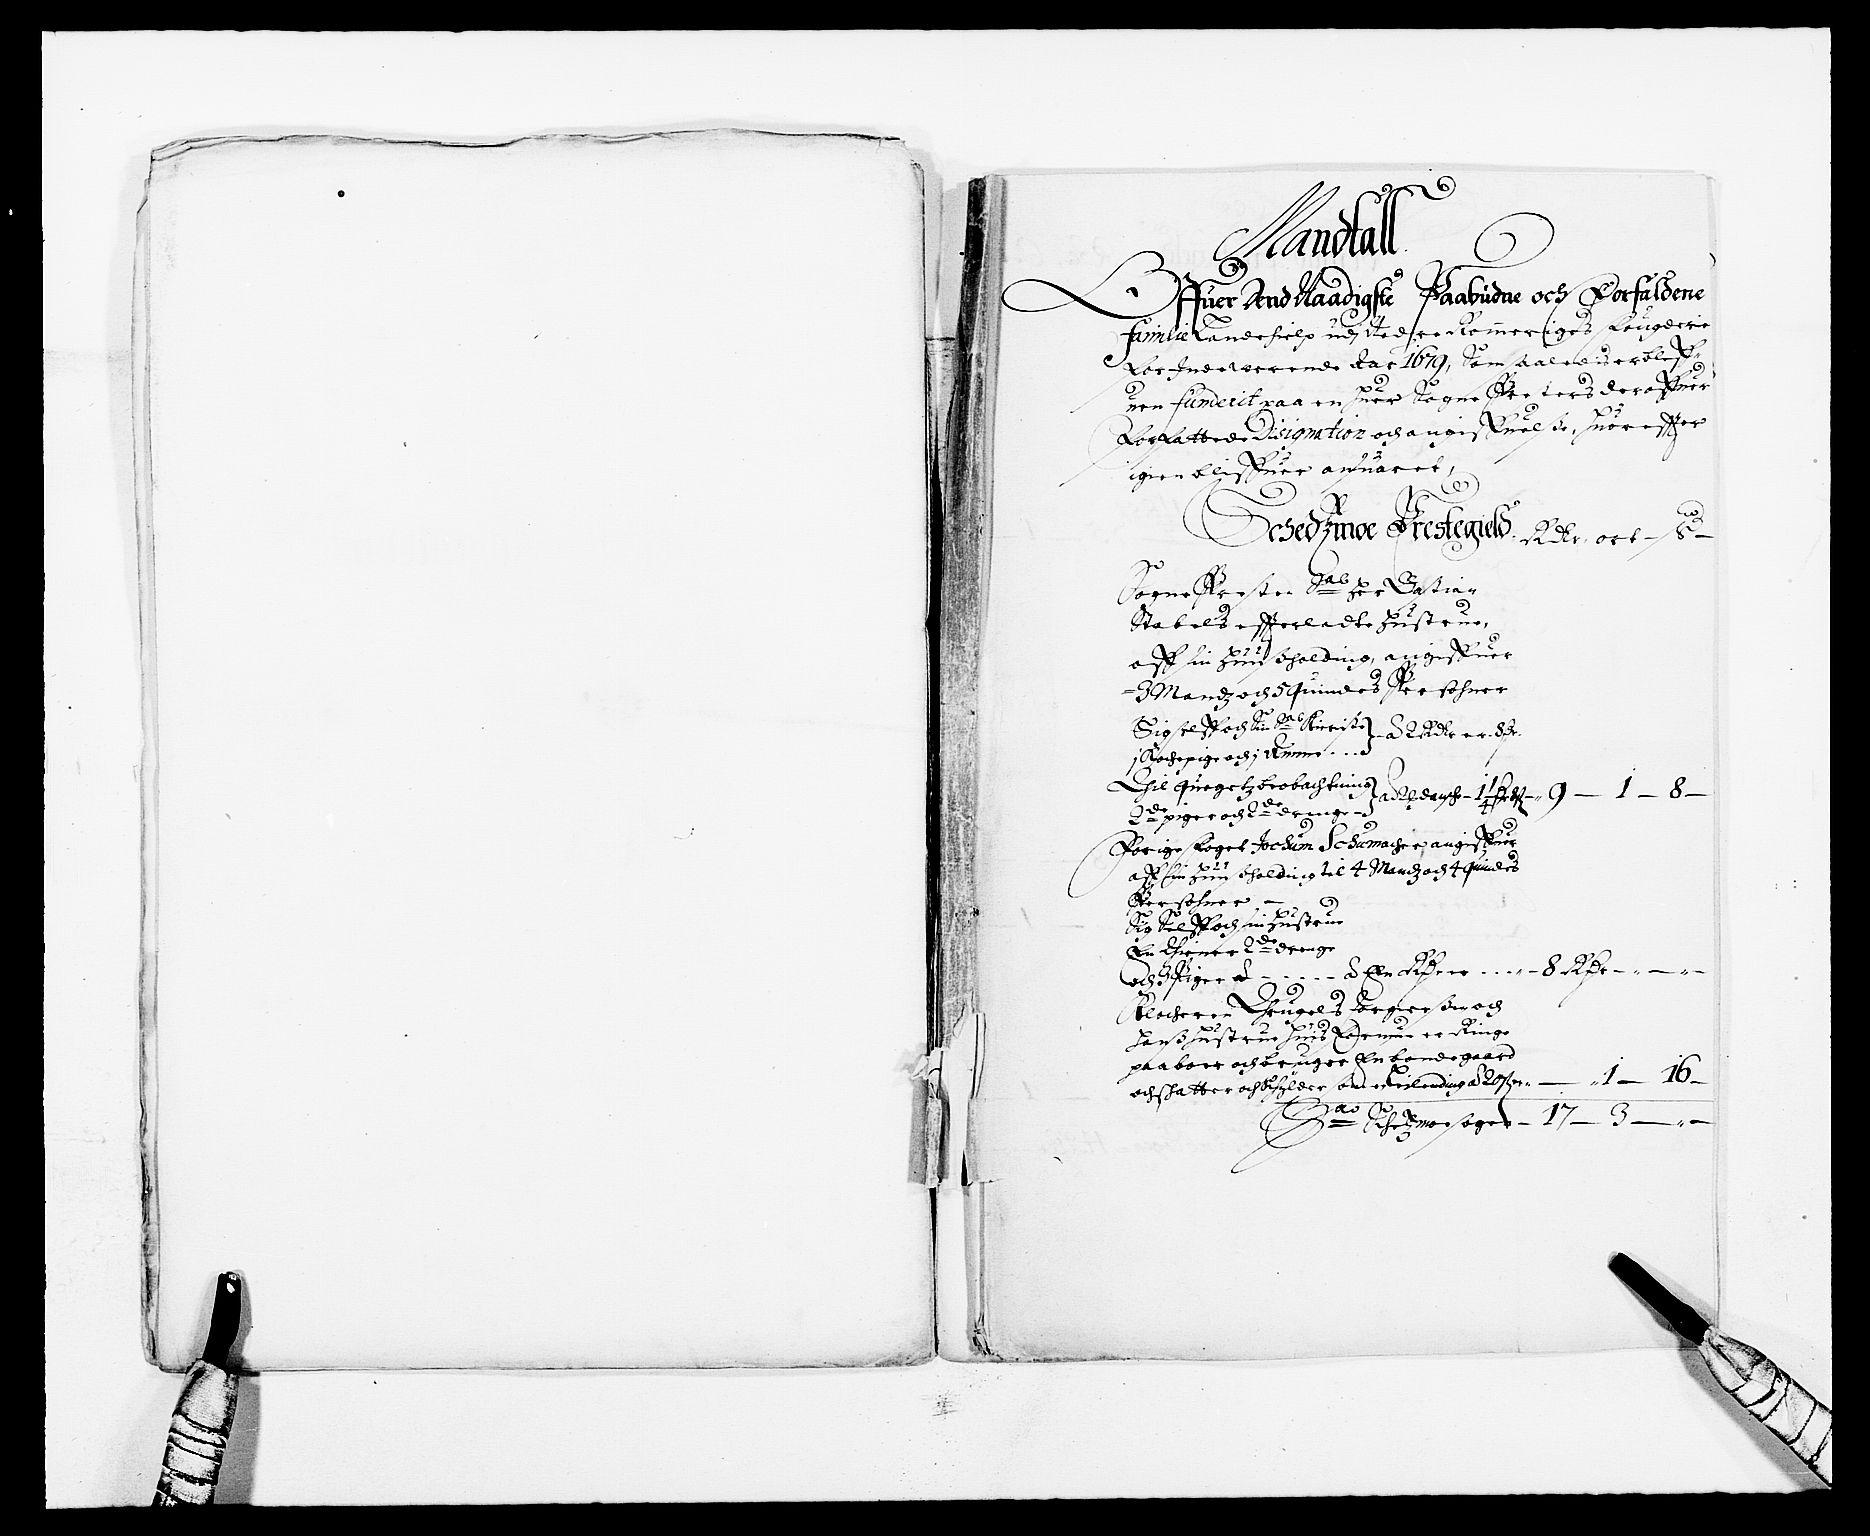 RA, Rentekammeret inntil 1814, Reviderte regnskaper, Fogderegnskap, R11/L0568: Fogderegnskap Nedre Romerike, 1679, s. 254